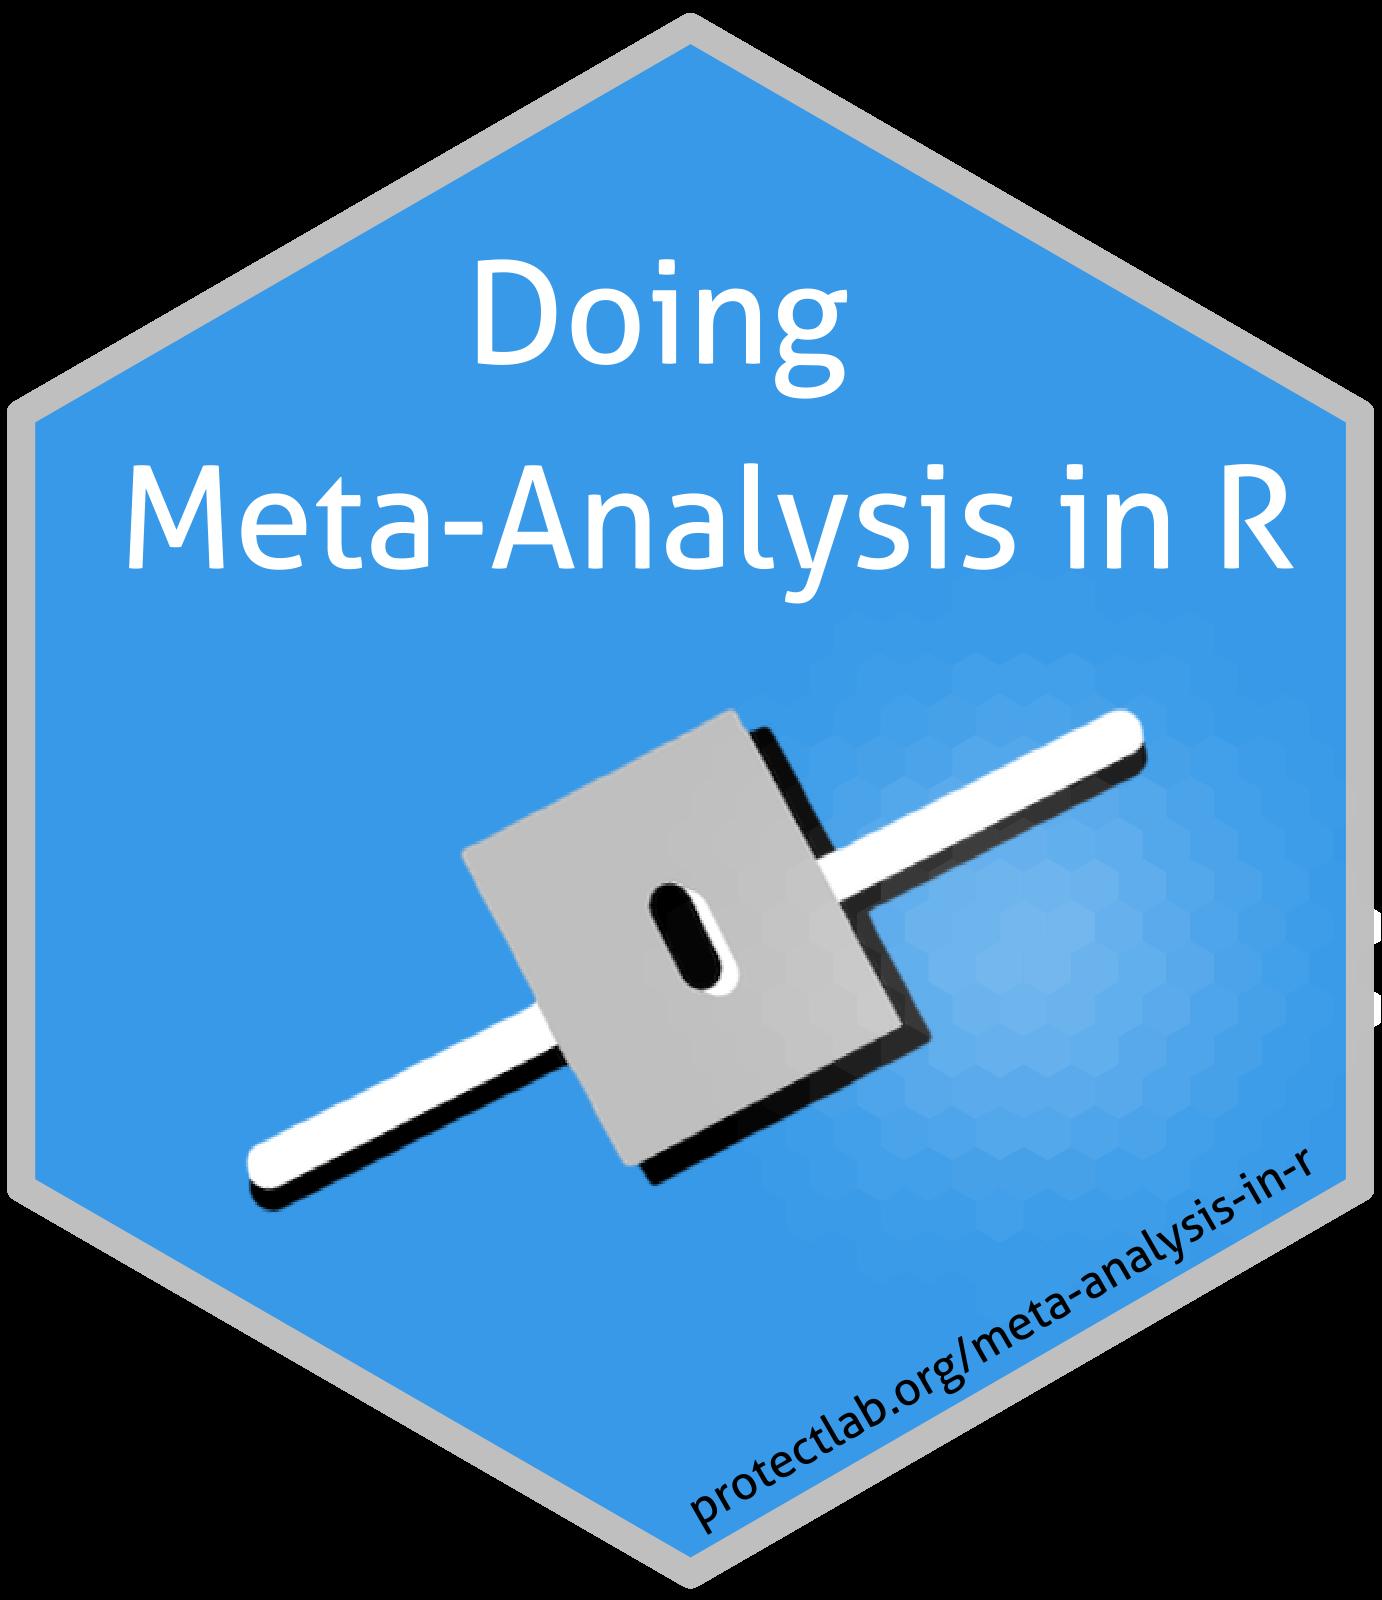 Doing Meta-Analysis in R